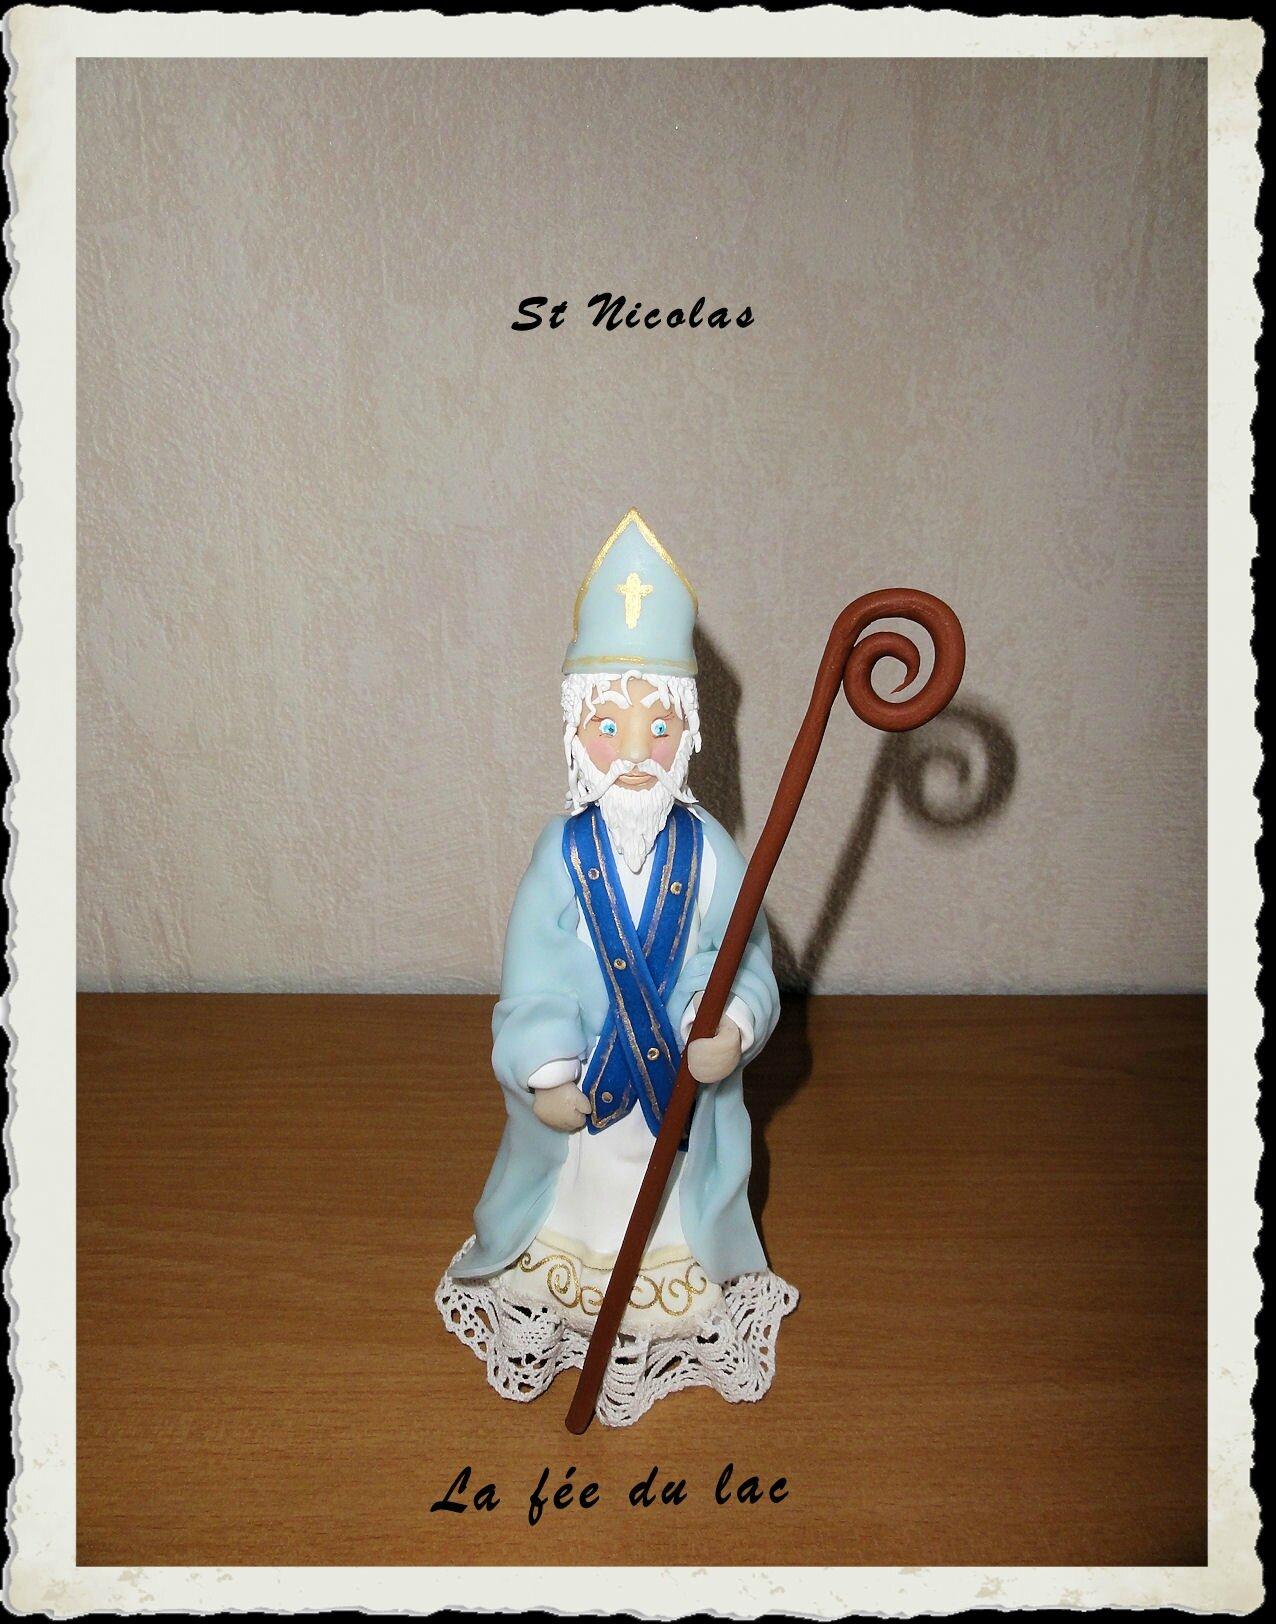 St Nicolas 4